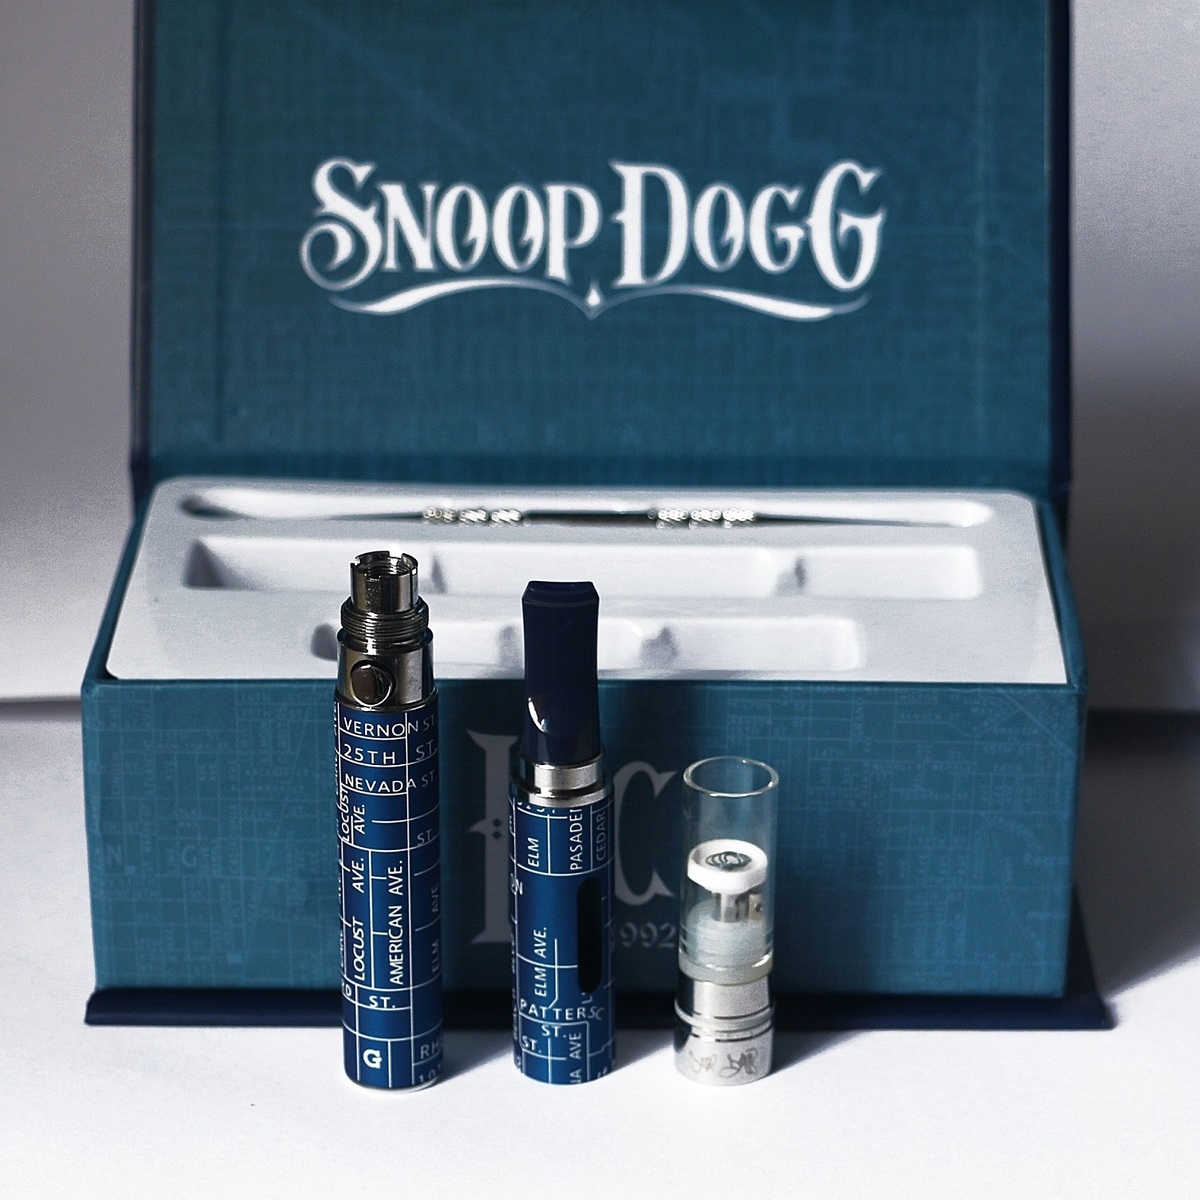 Burning dry Herb vaporizer herbal vape cheap electronic cigarette kit snoop dogg G pen gift box case e-cigarette G-pen